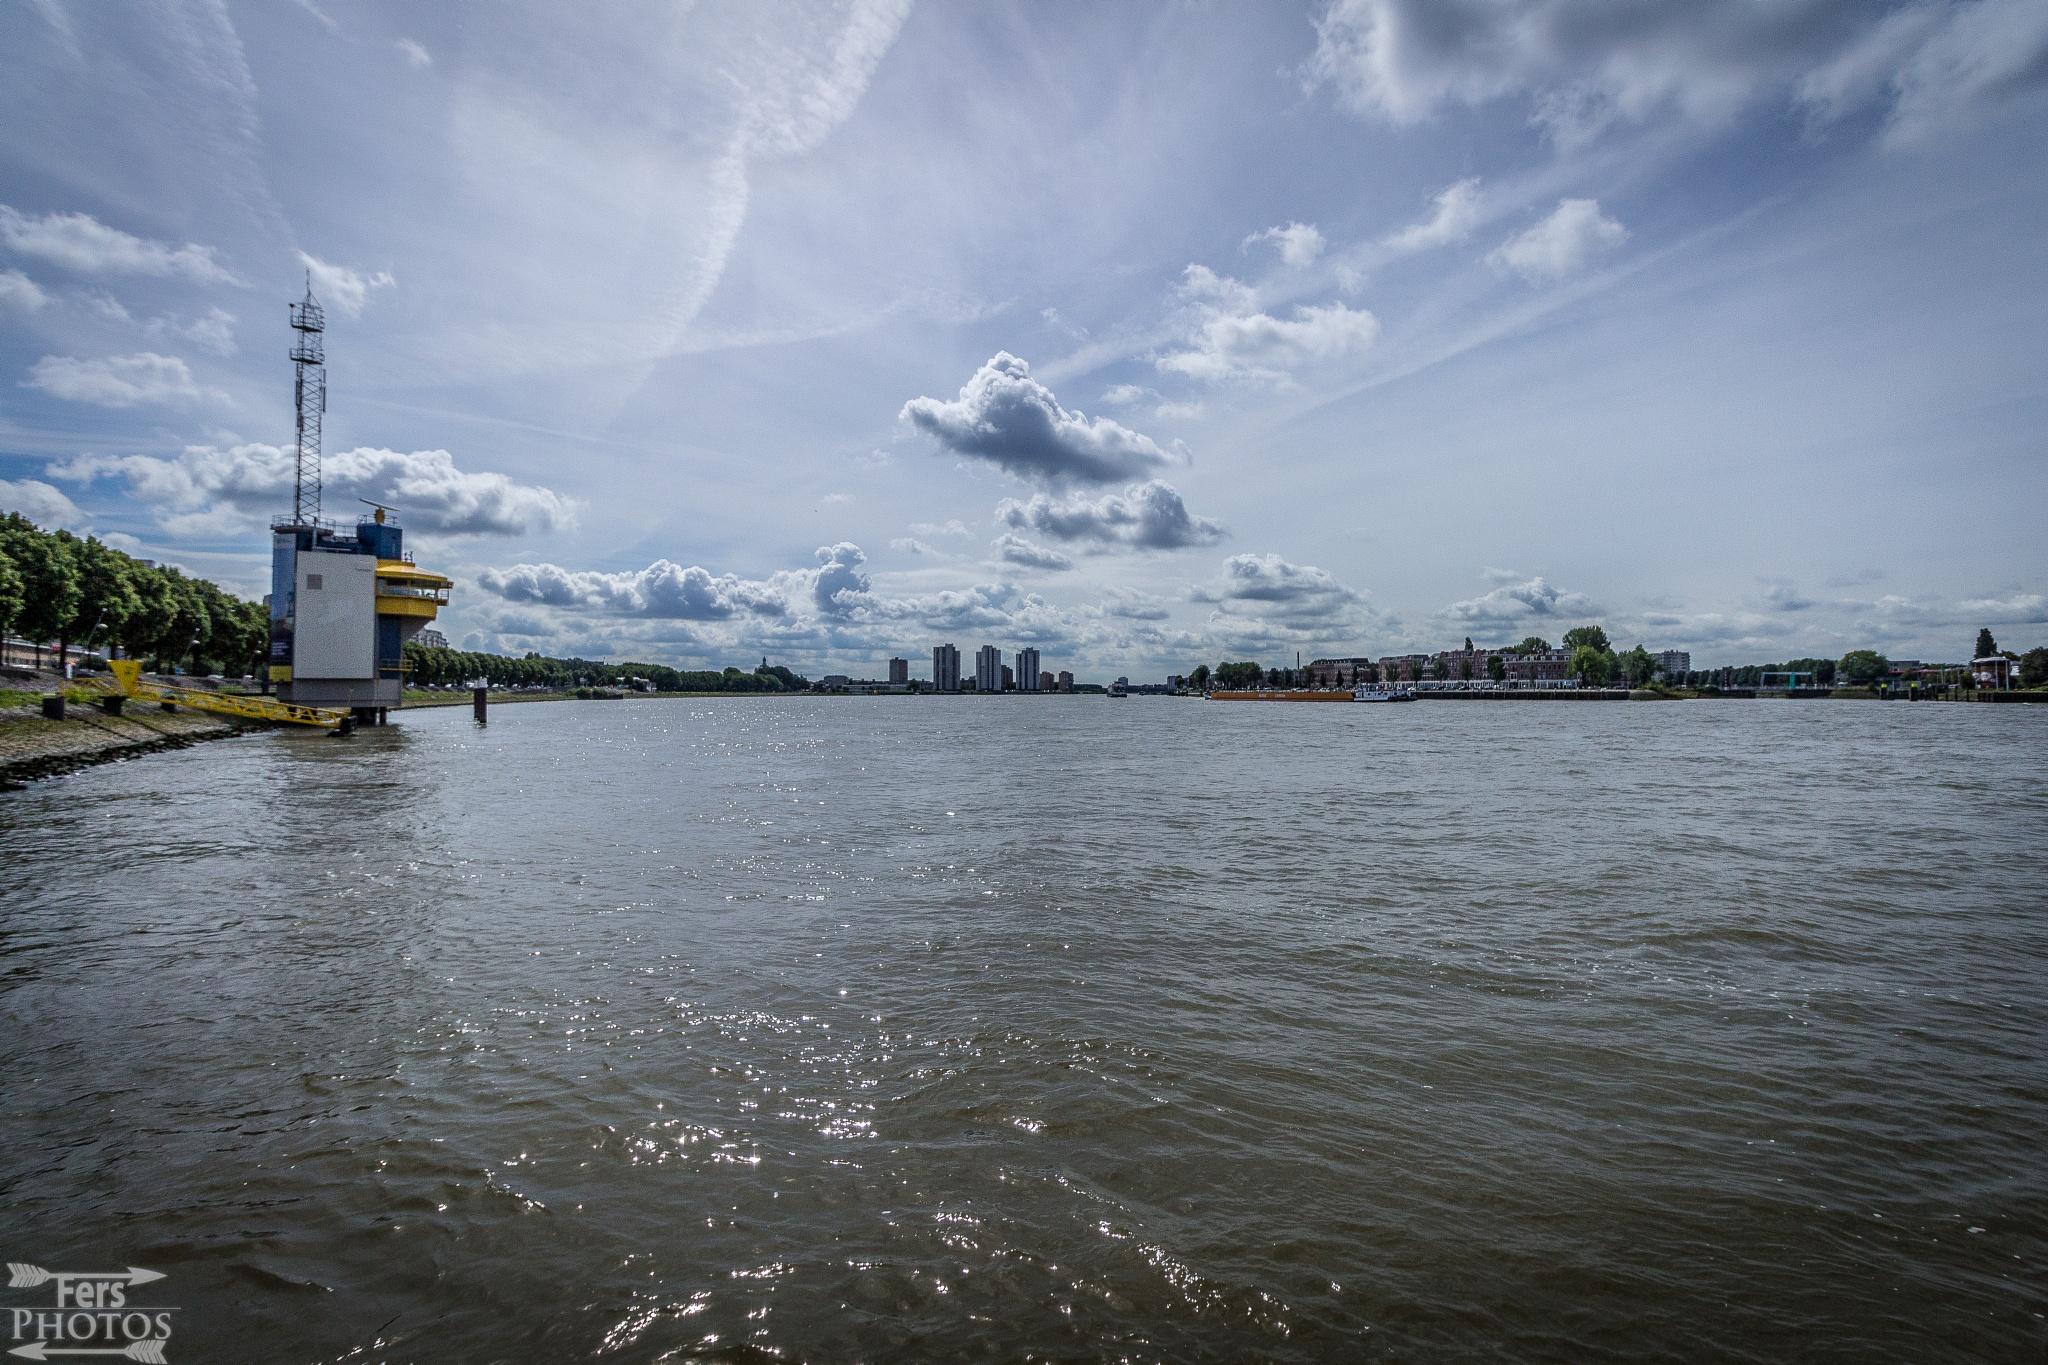 Rotterdam by Fer Herwaarden